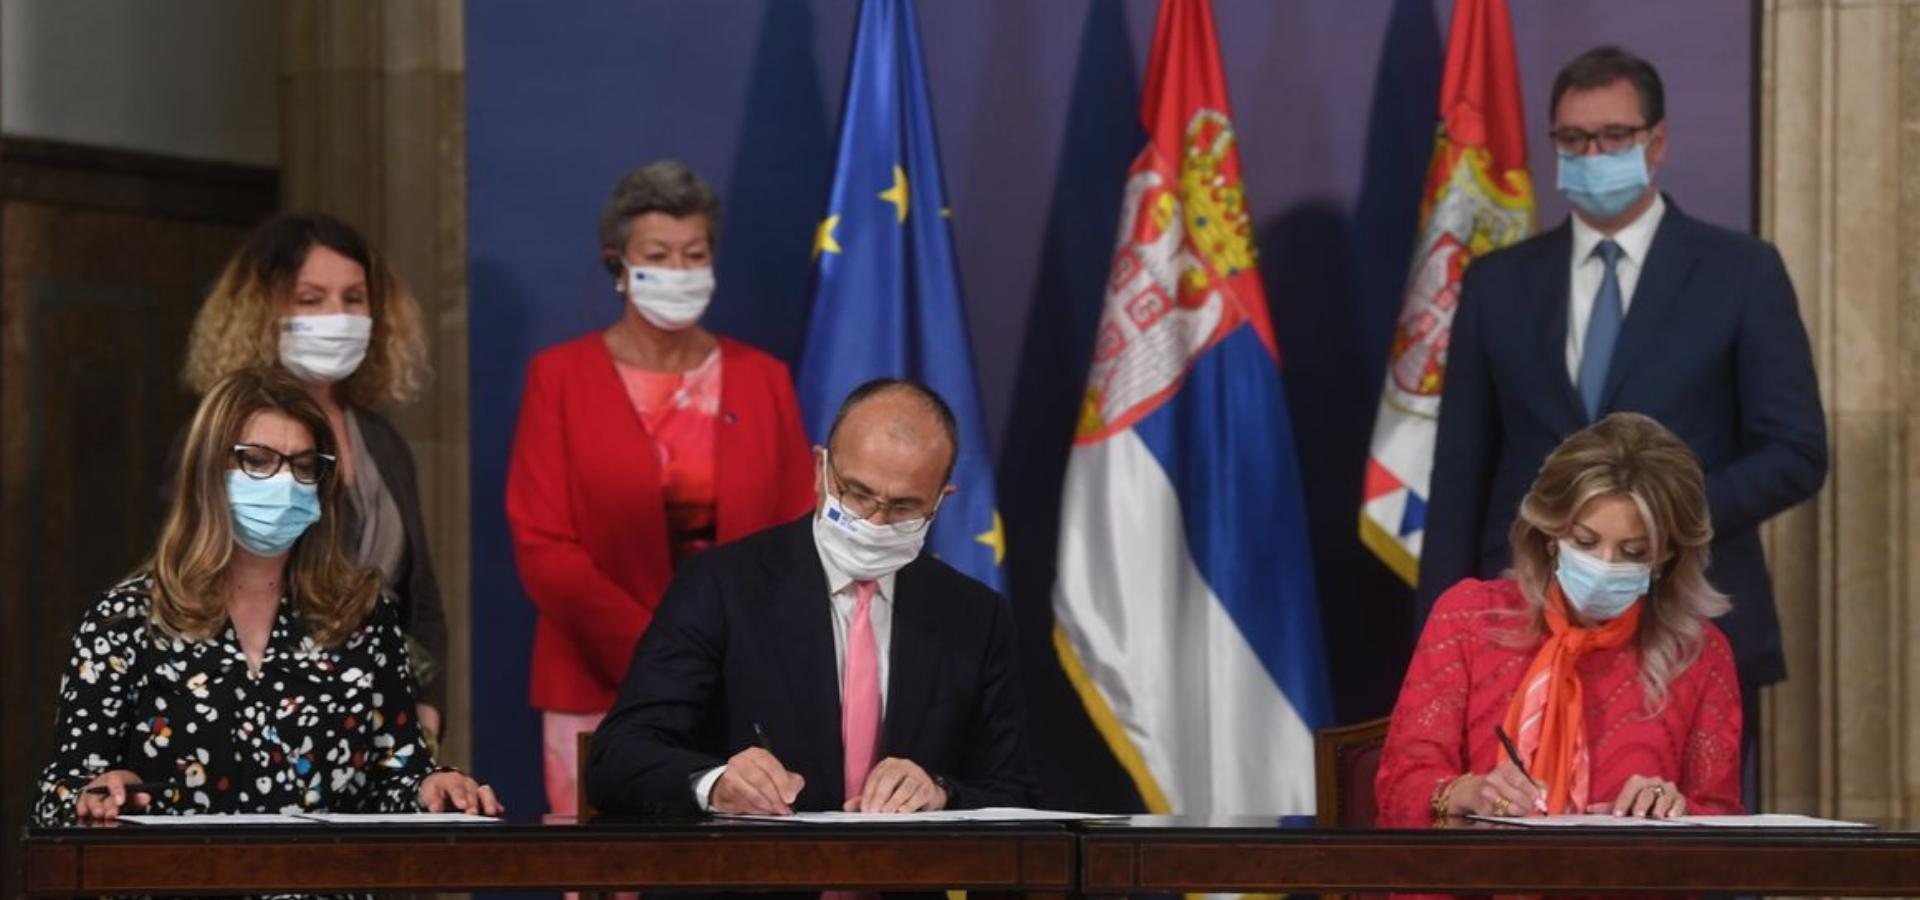 Potpisan ugovor za nastavak Podrške EU upravljanju migracijama u Srbiji